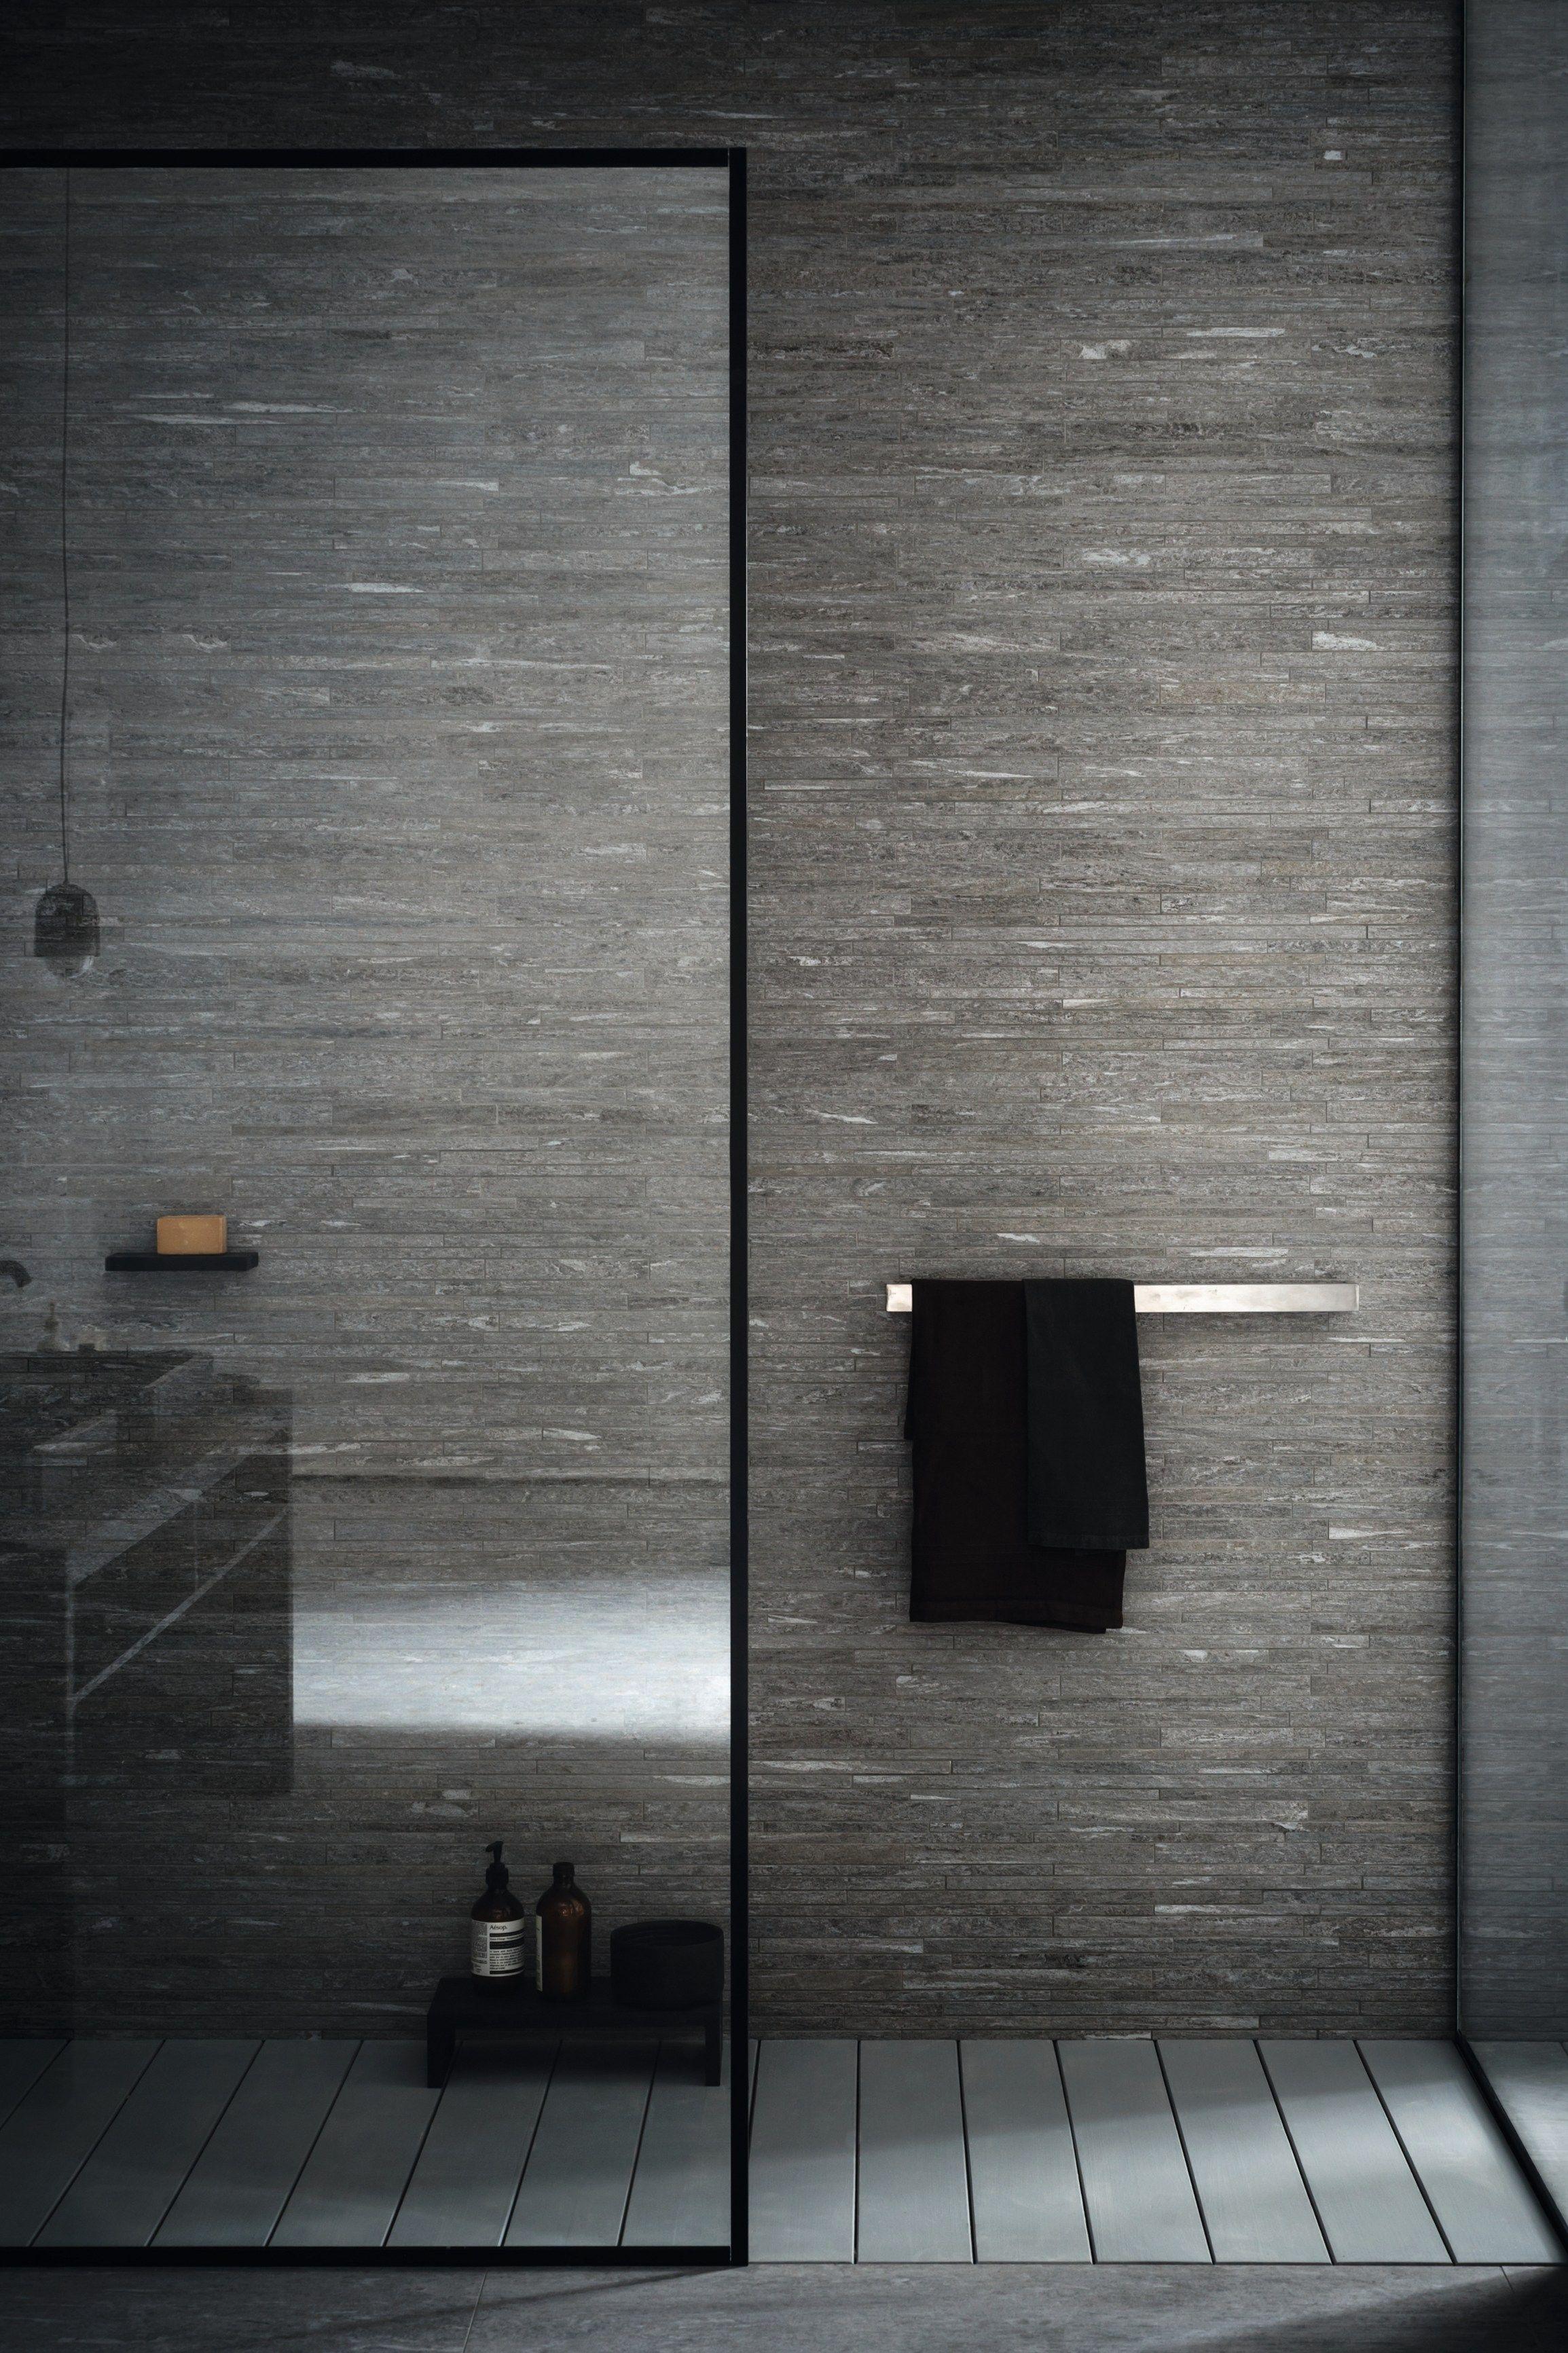 Porcelain Stoneware Wall Floor Tiles Mystone Pietra Di Vals Marazzitile Modernes Badezimmerdesign Badezimmer Und Badezimmer Innenausstattung